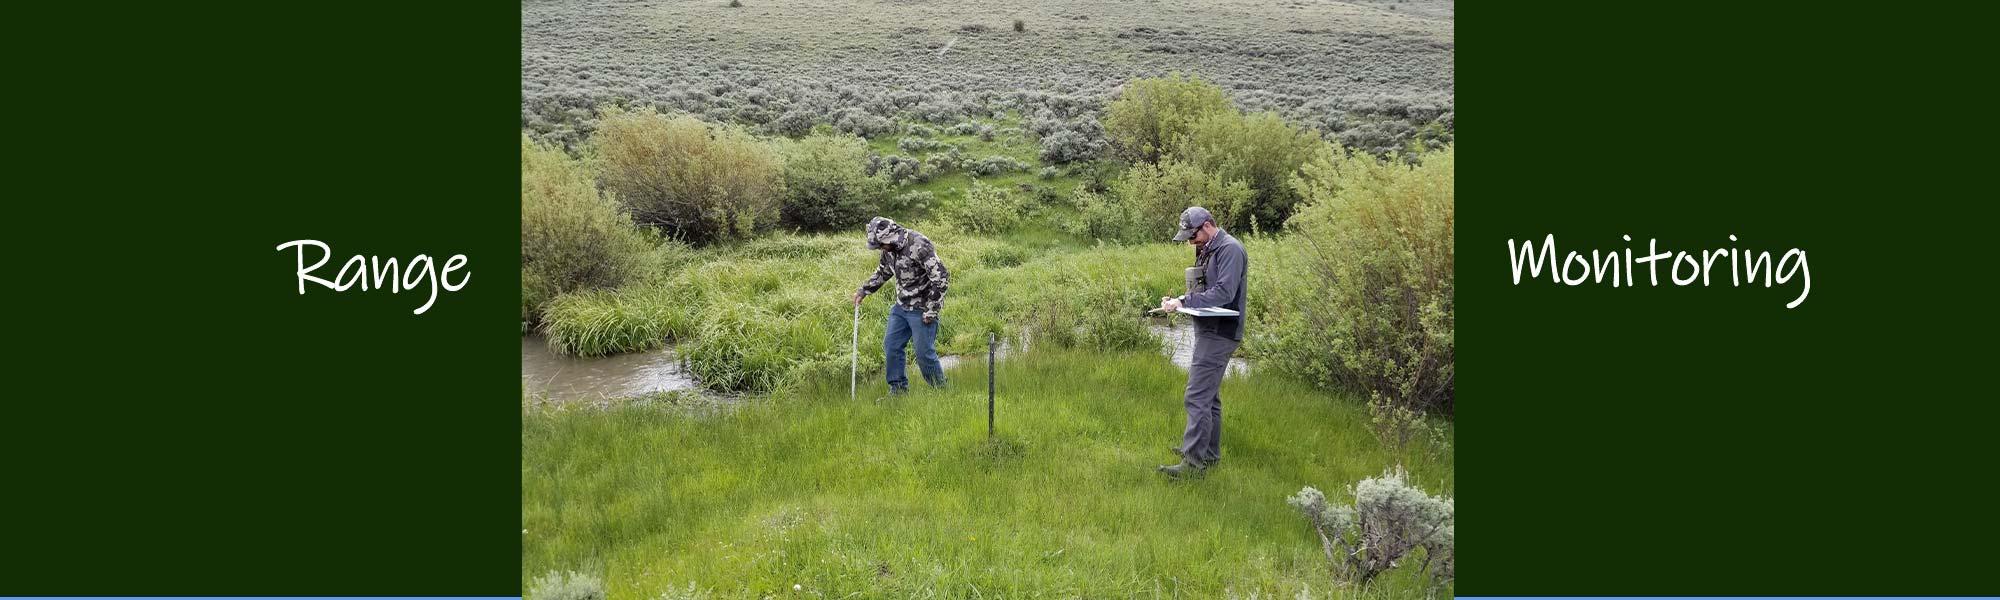 range-monitoring